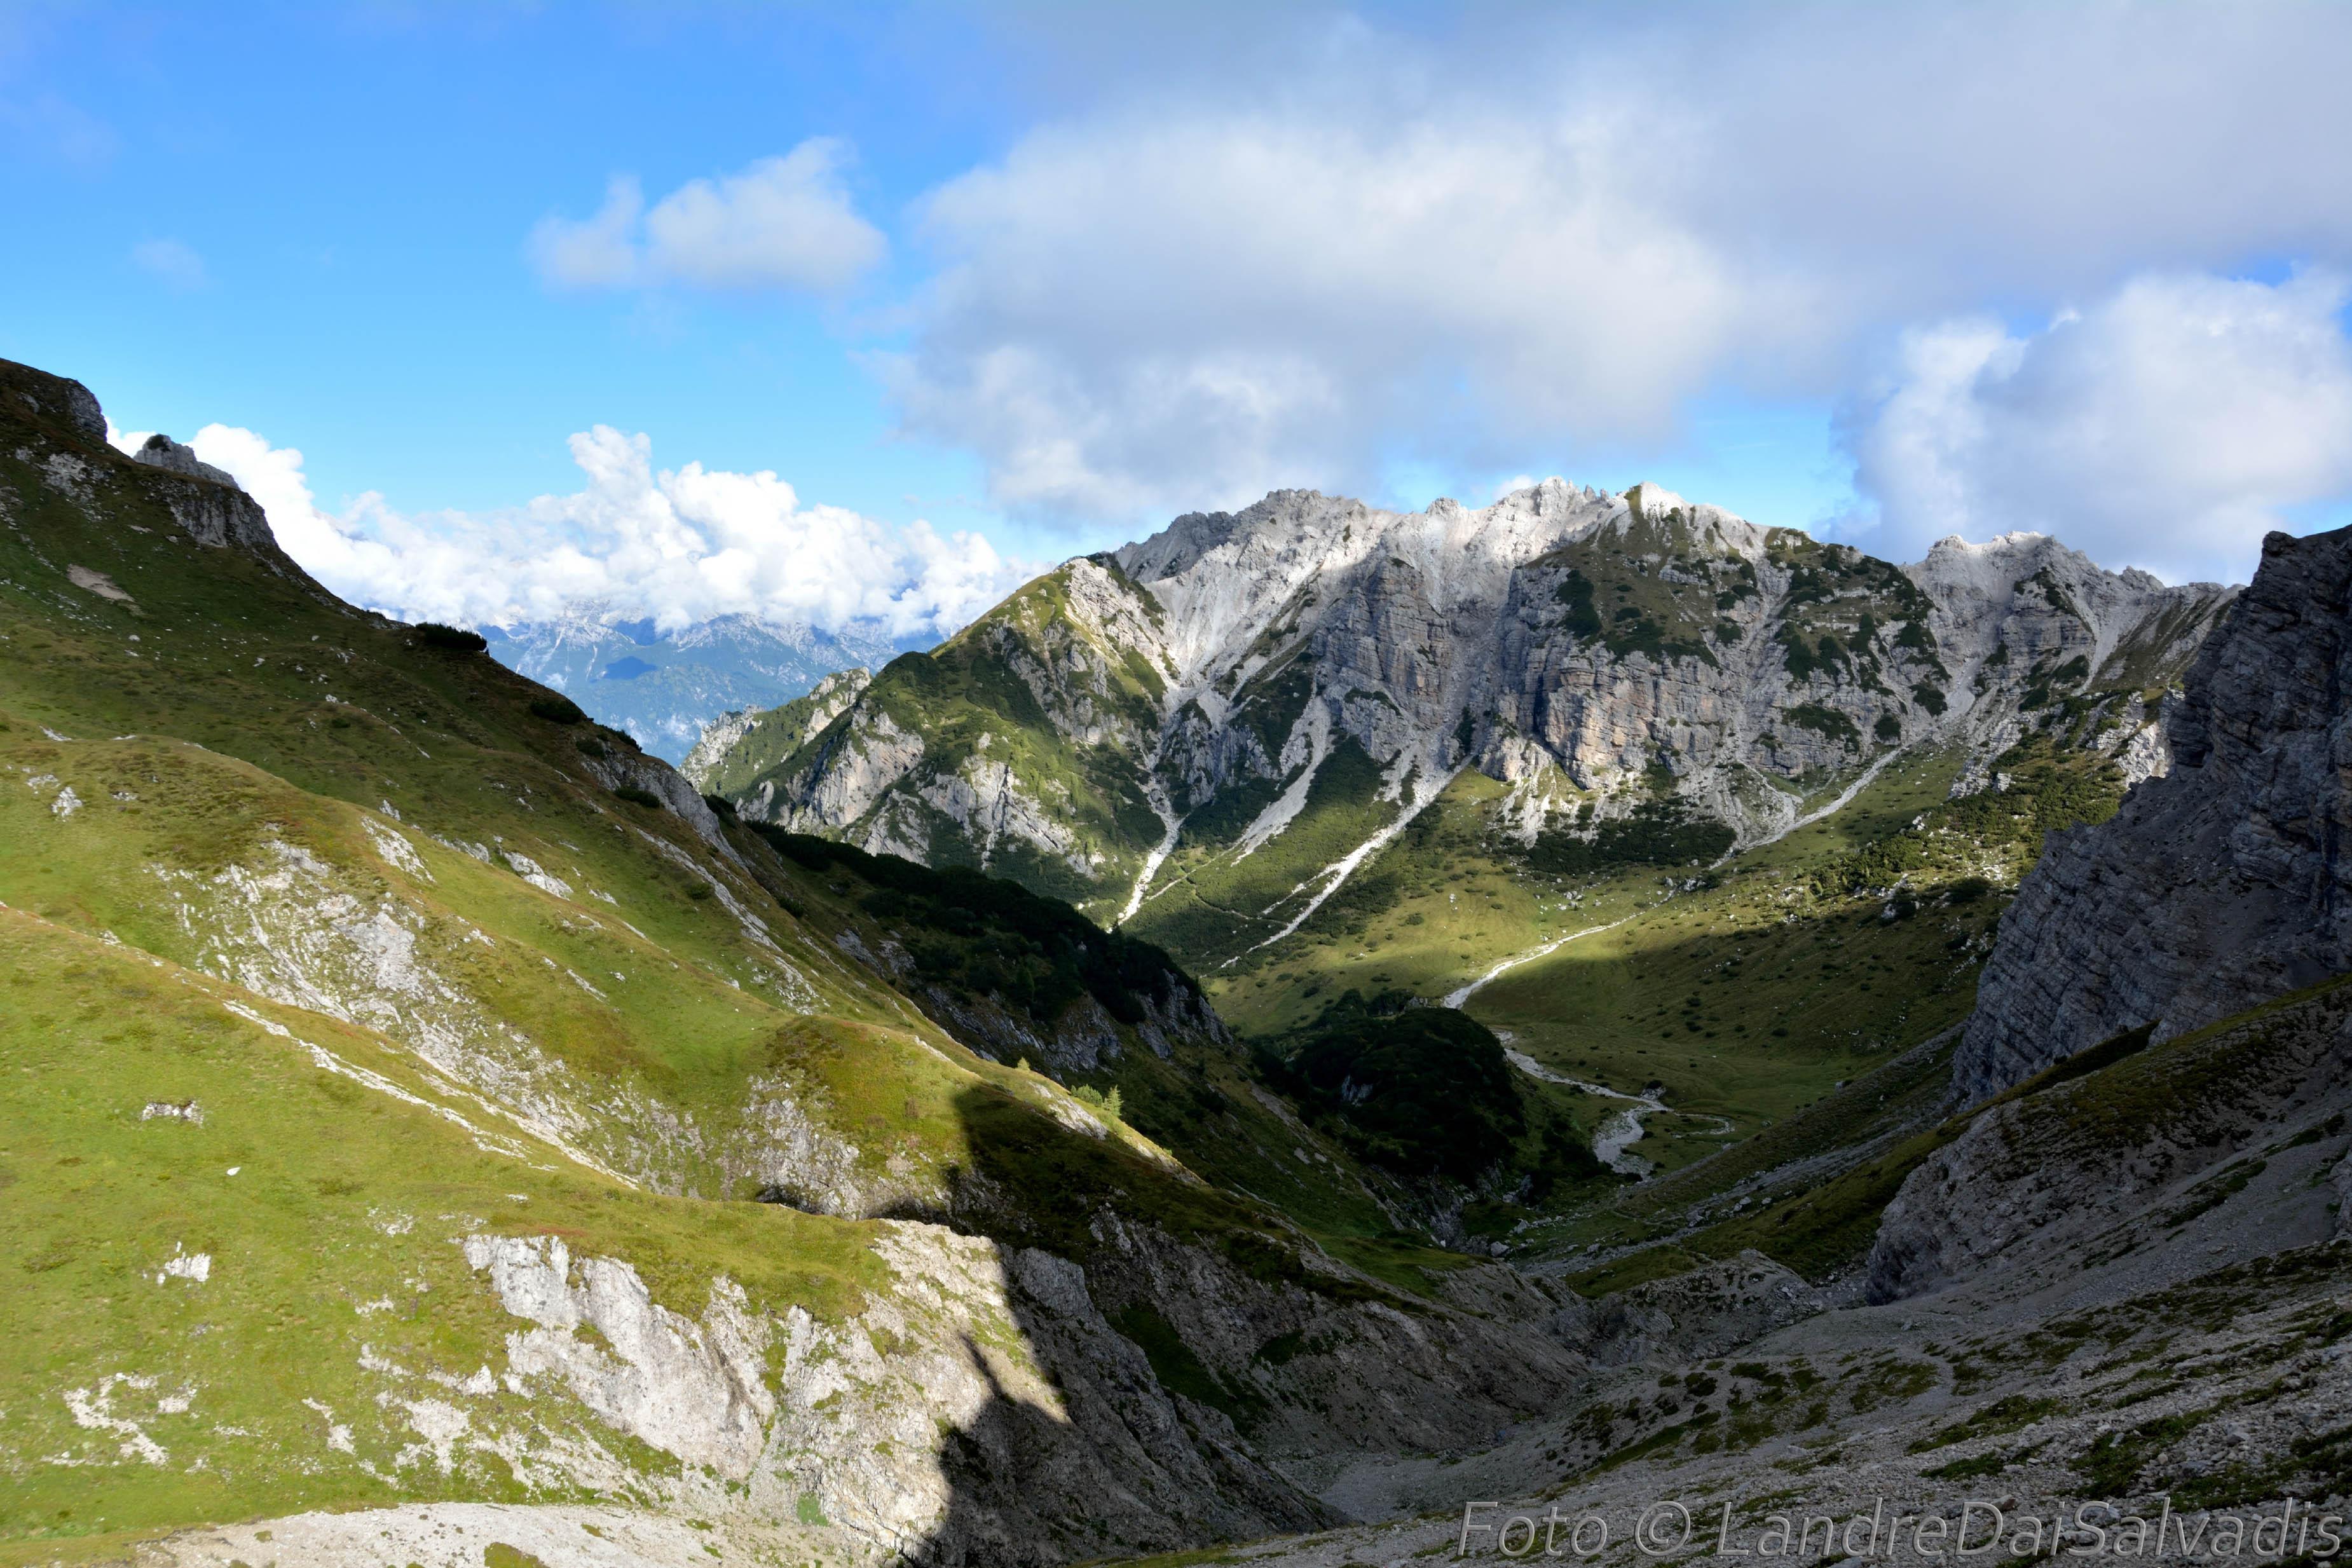 L'amena conca di Casera Cavalet, racchiusa dal Monte Pera.